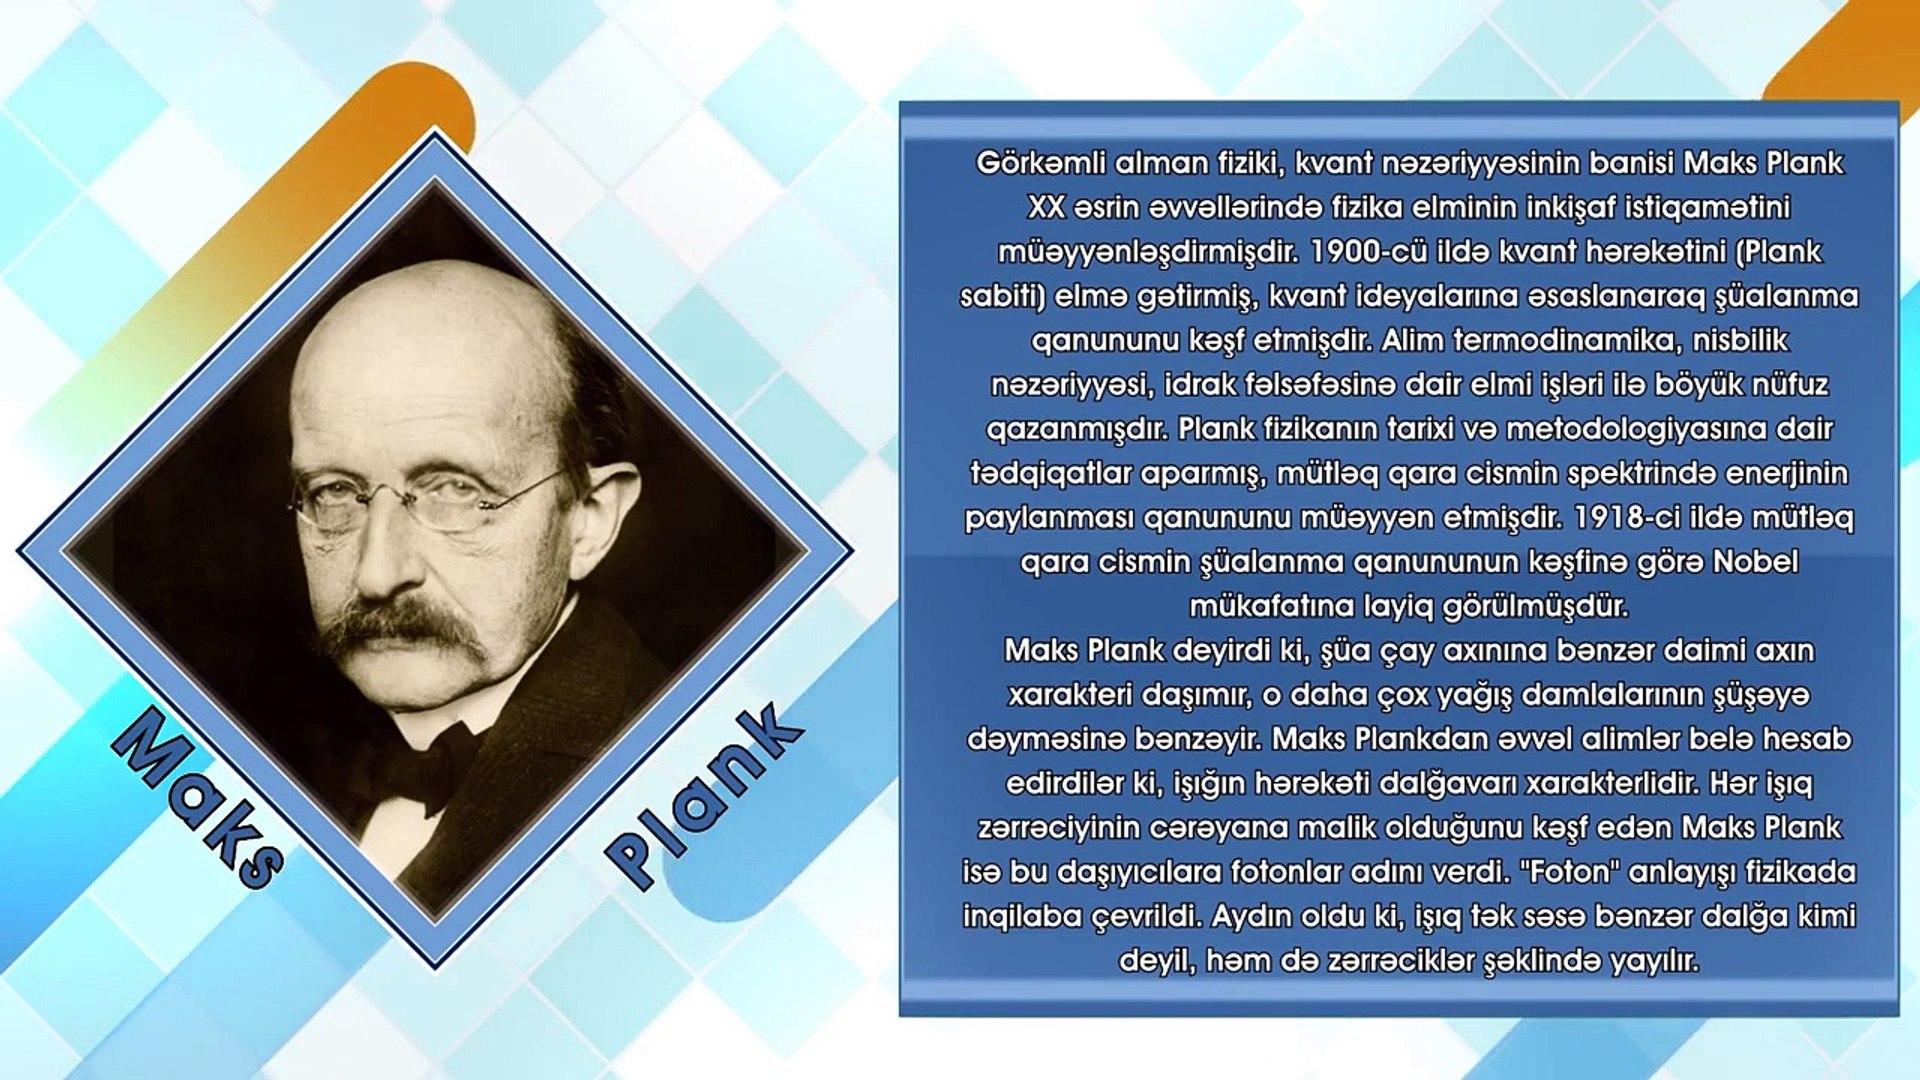 İman edən alimlər - Maks Plank